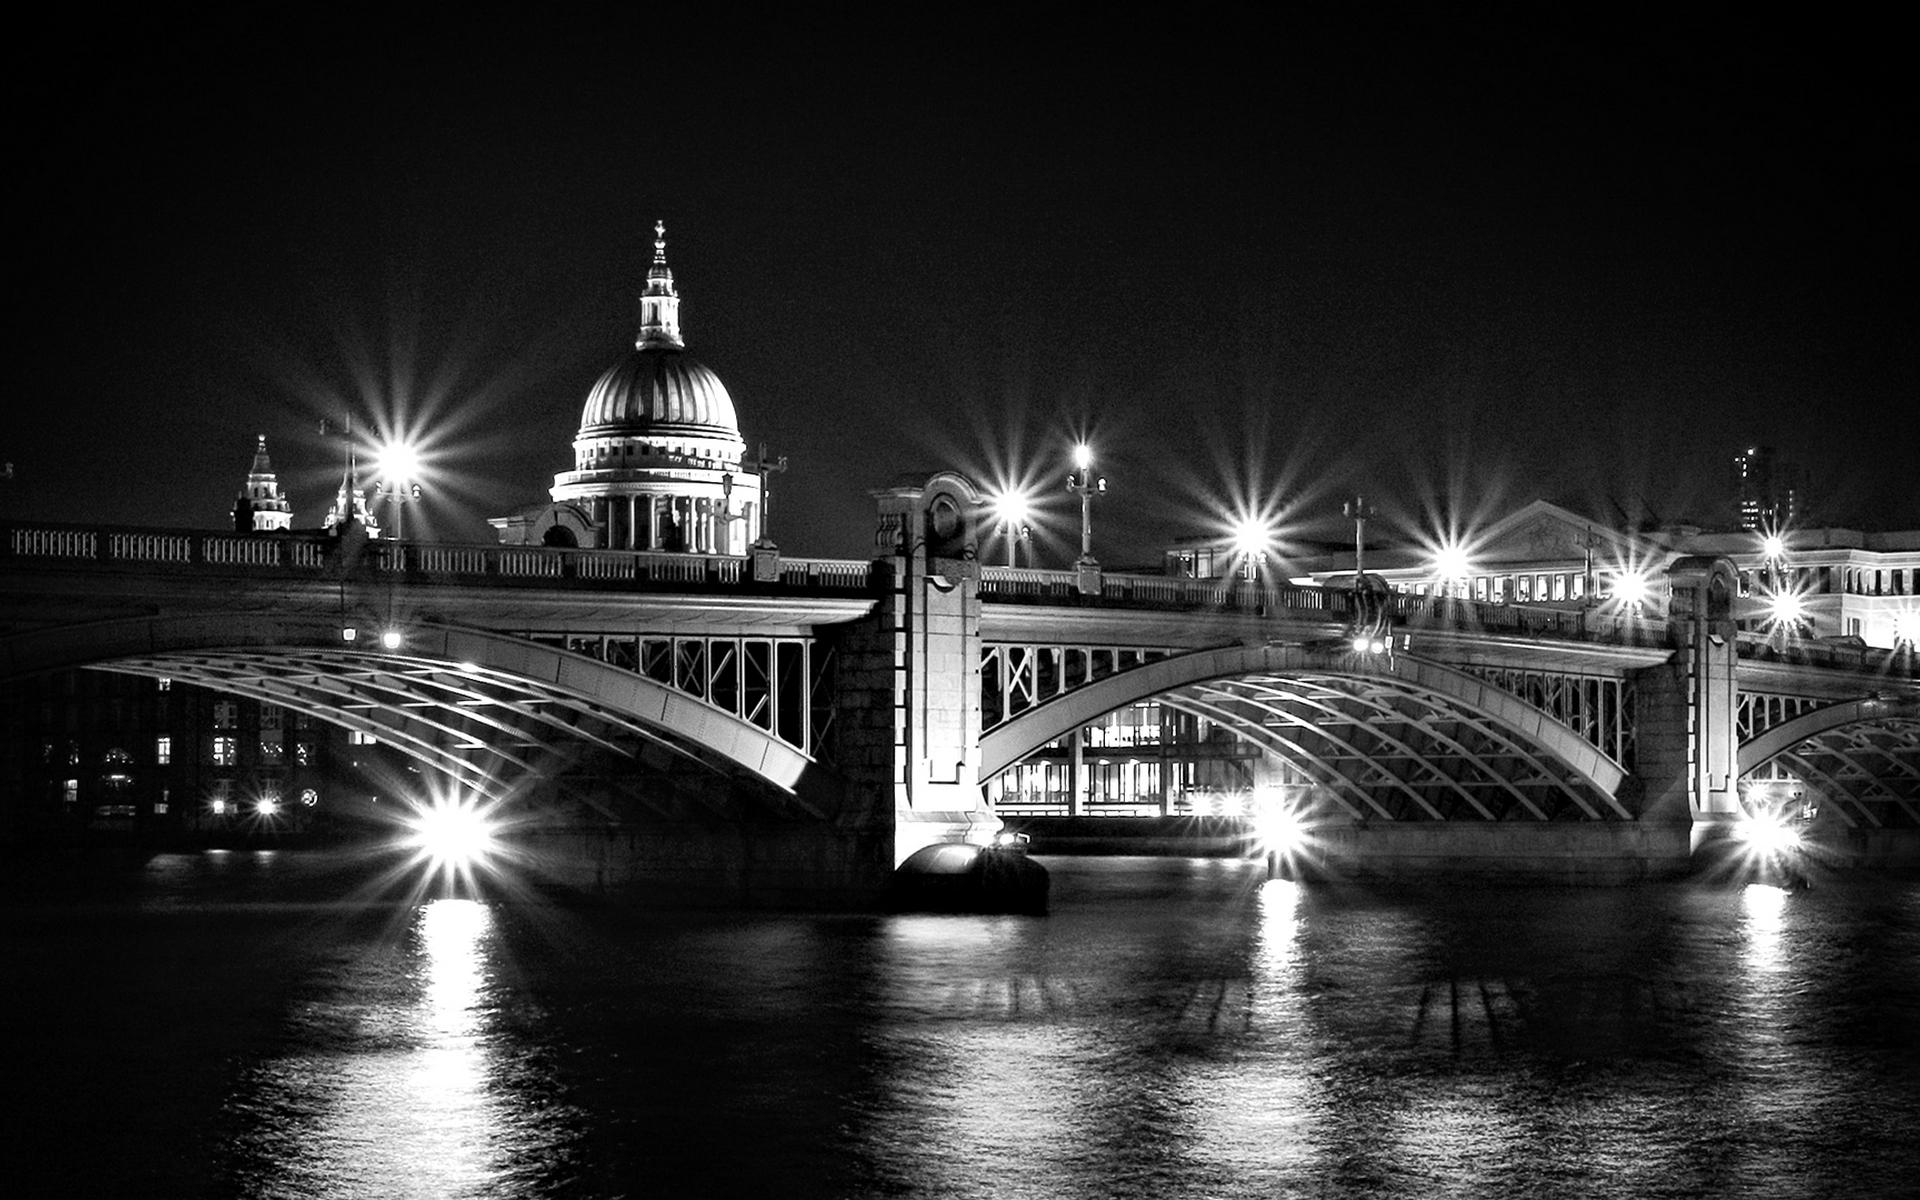 39127 économiseurs d'écran et fonds d'écran Bridges sur votre téléphone. Téléchargez Paysage, Bridges, Nuit, L'architecture images gratuitement